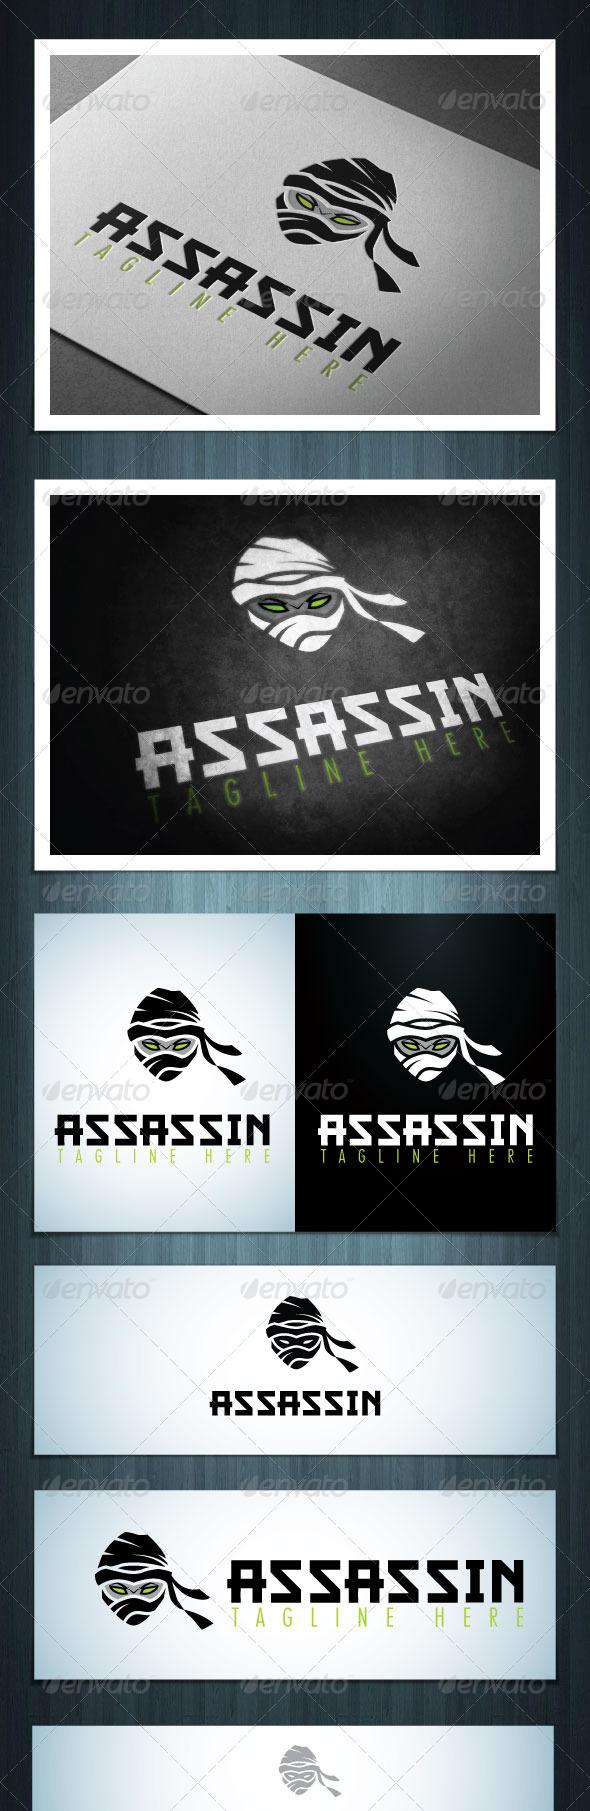 GraphicRiver Assassin 5294992